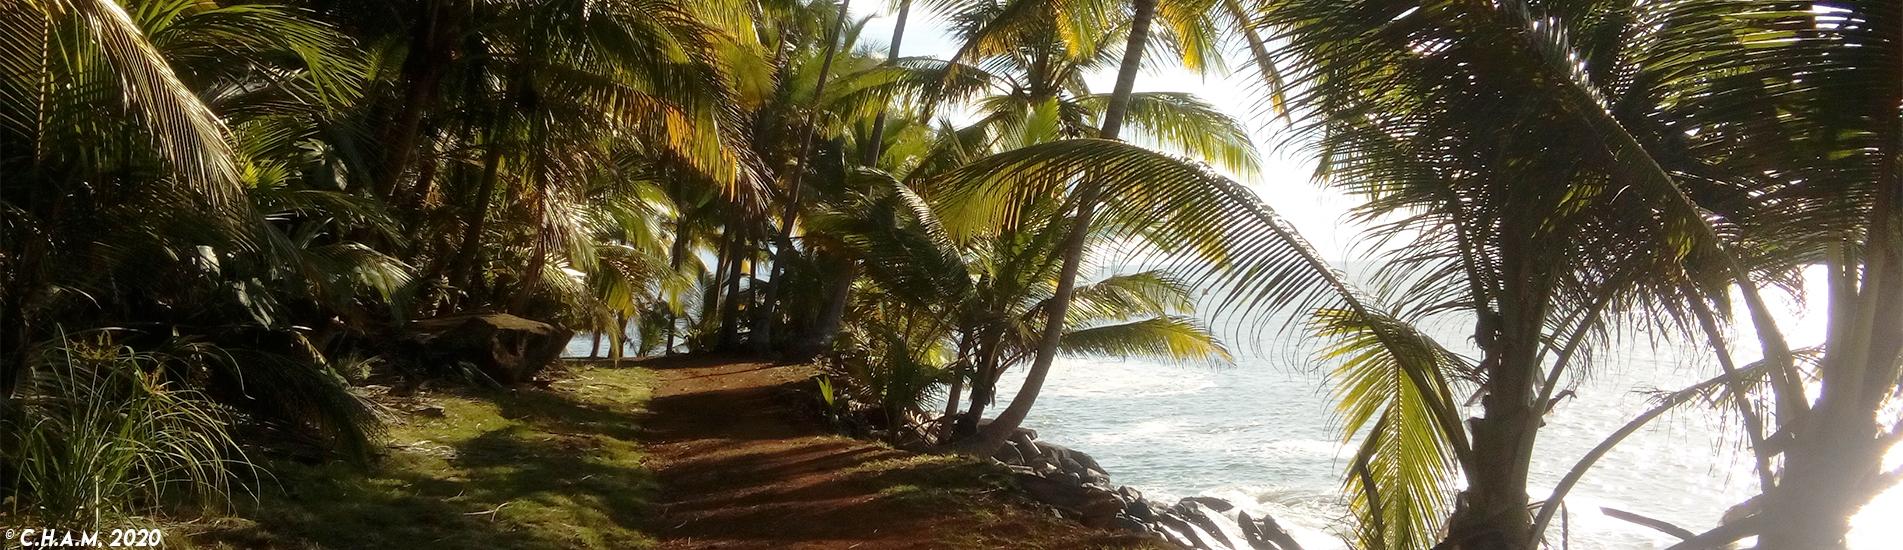 Bagne des Îles du Salut - Guyane